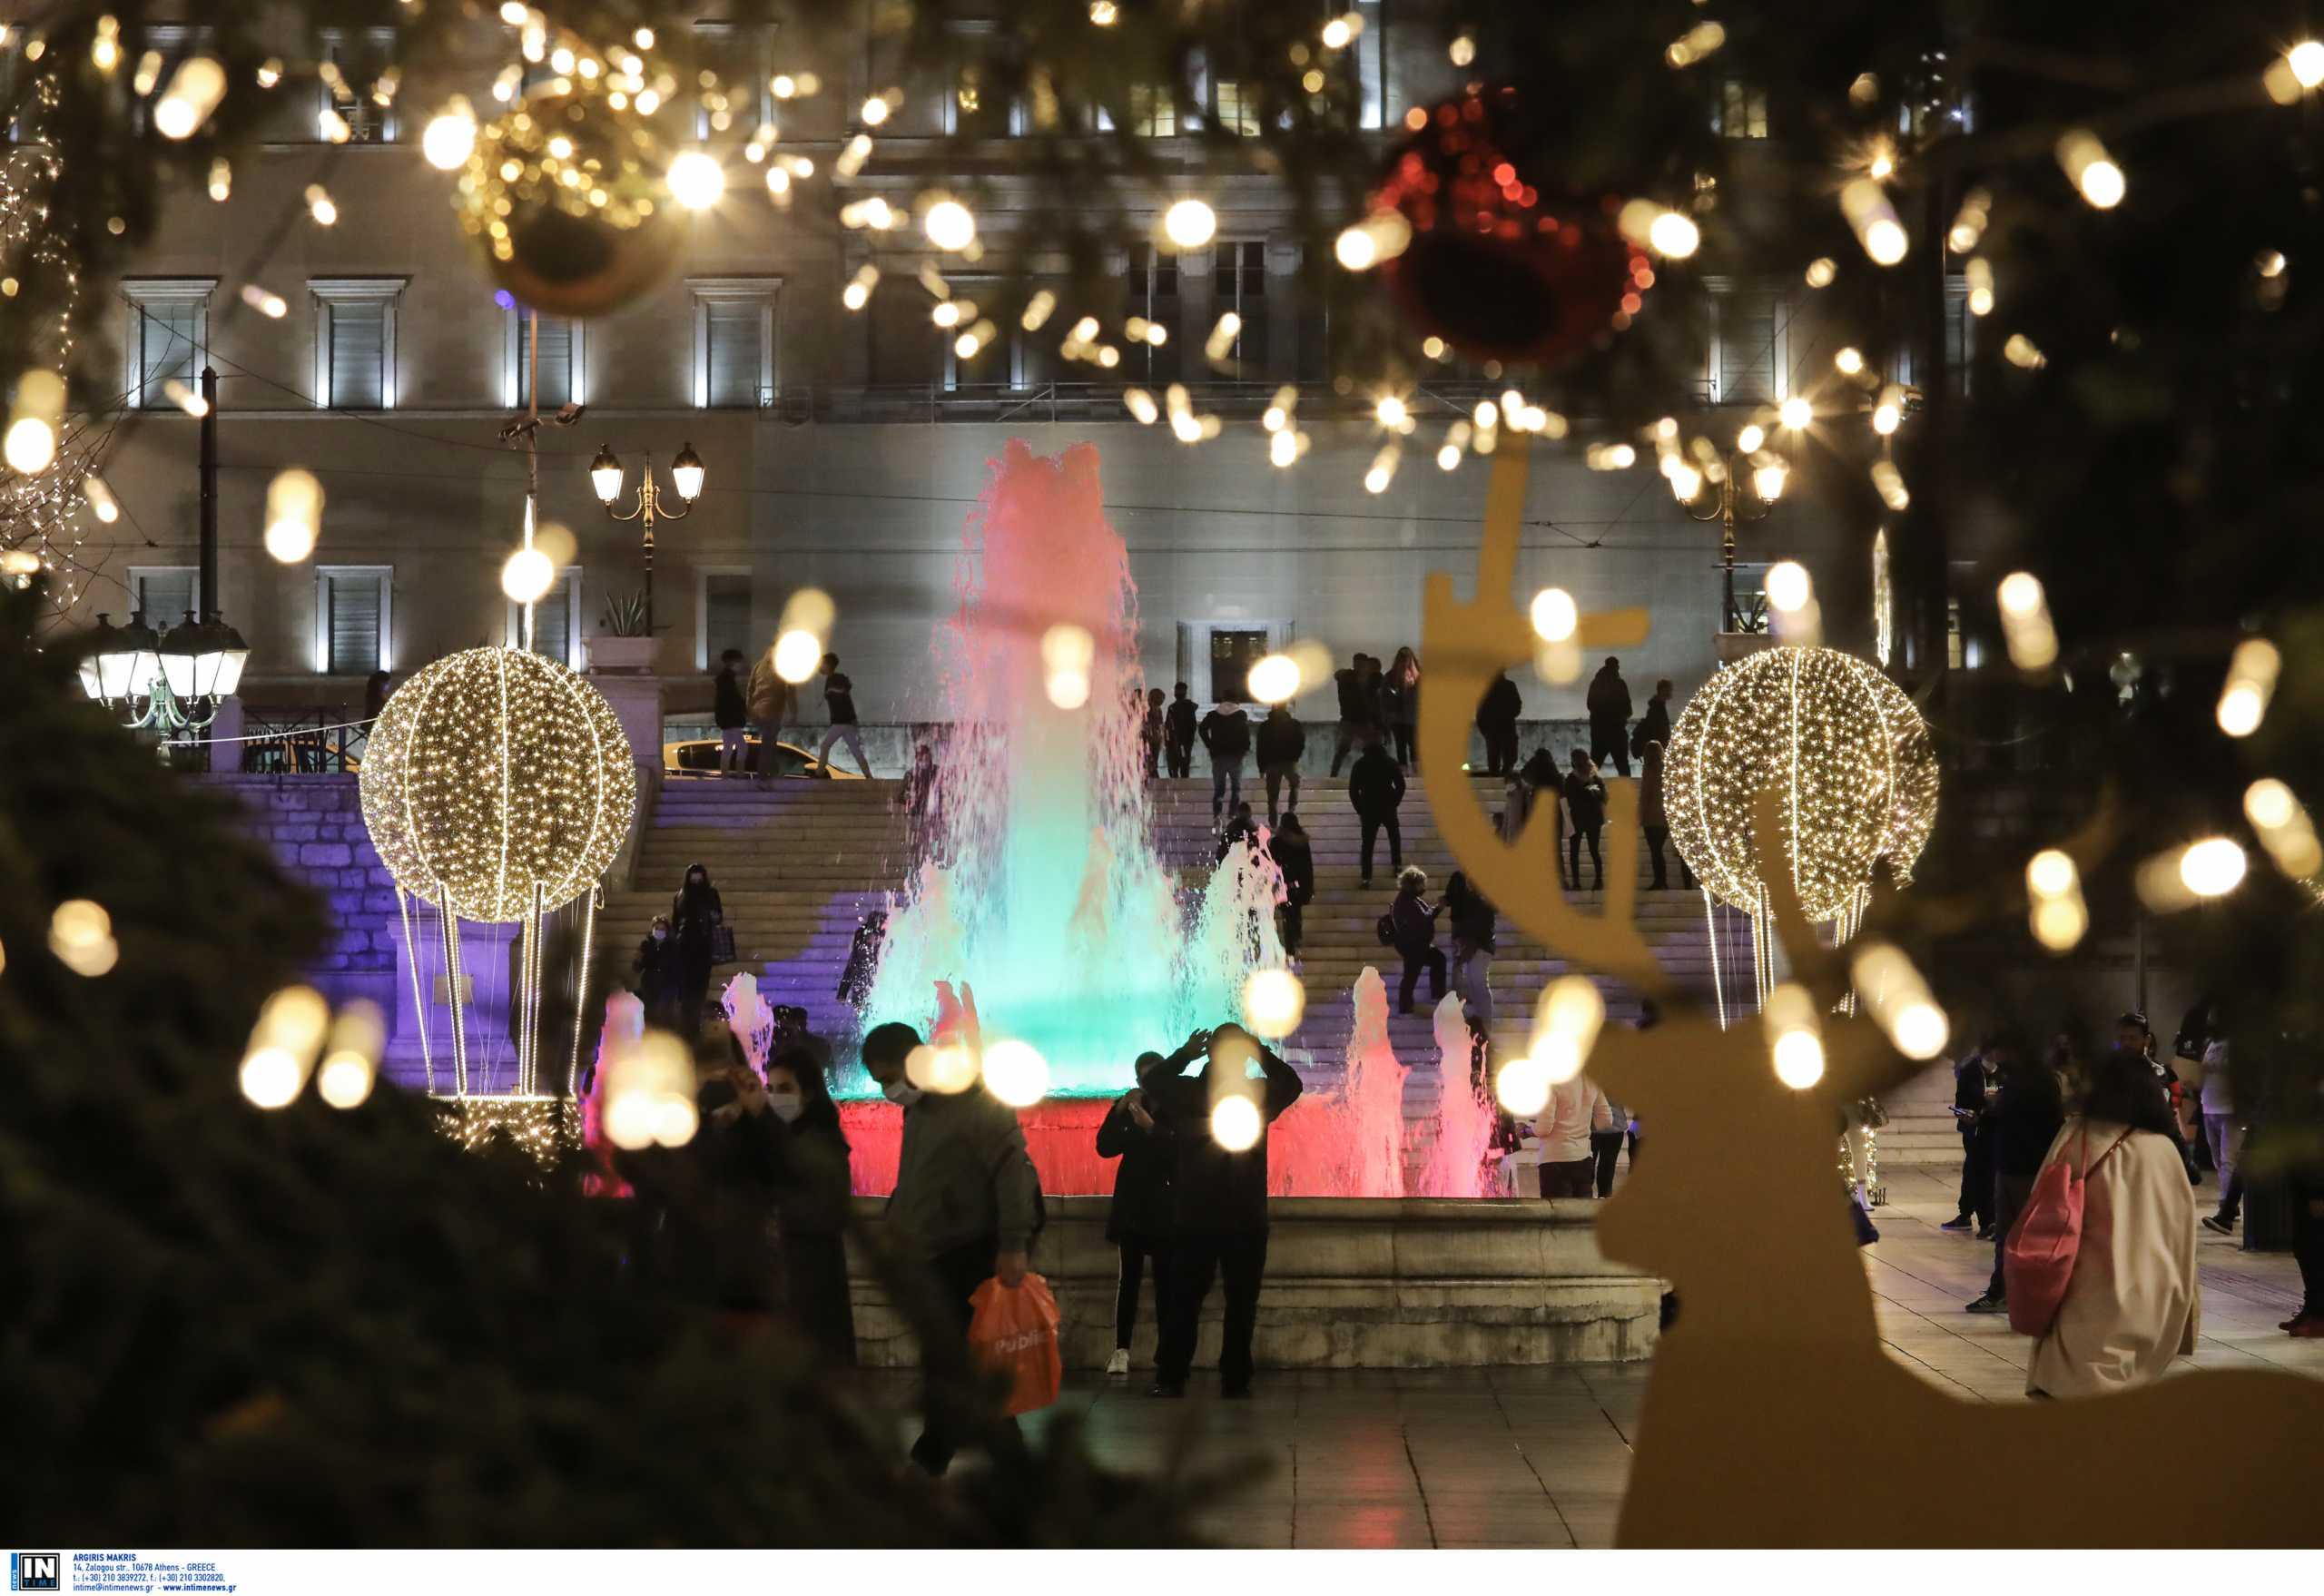 Μια χριστουγεννιάτικη ιστορία: Ένας αστυνομικός, μια γυναίκα ηλικιωμένη και η στολισμένη Αθήνα